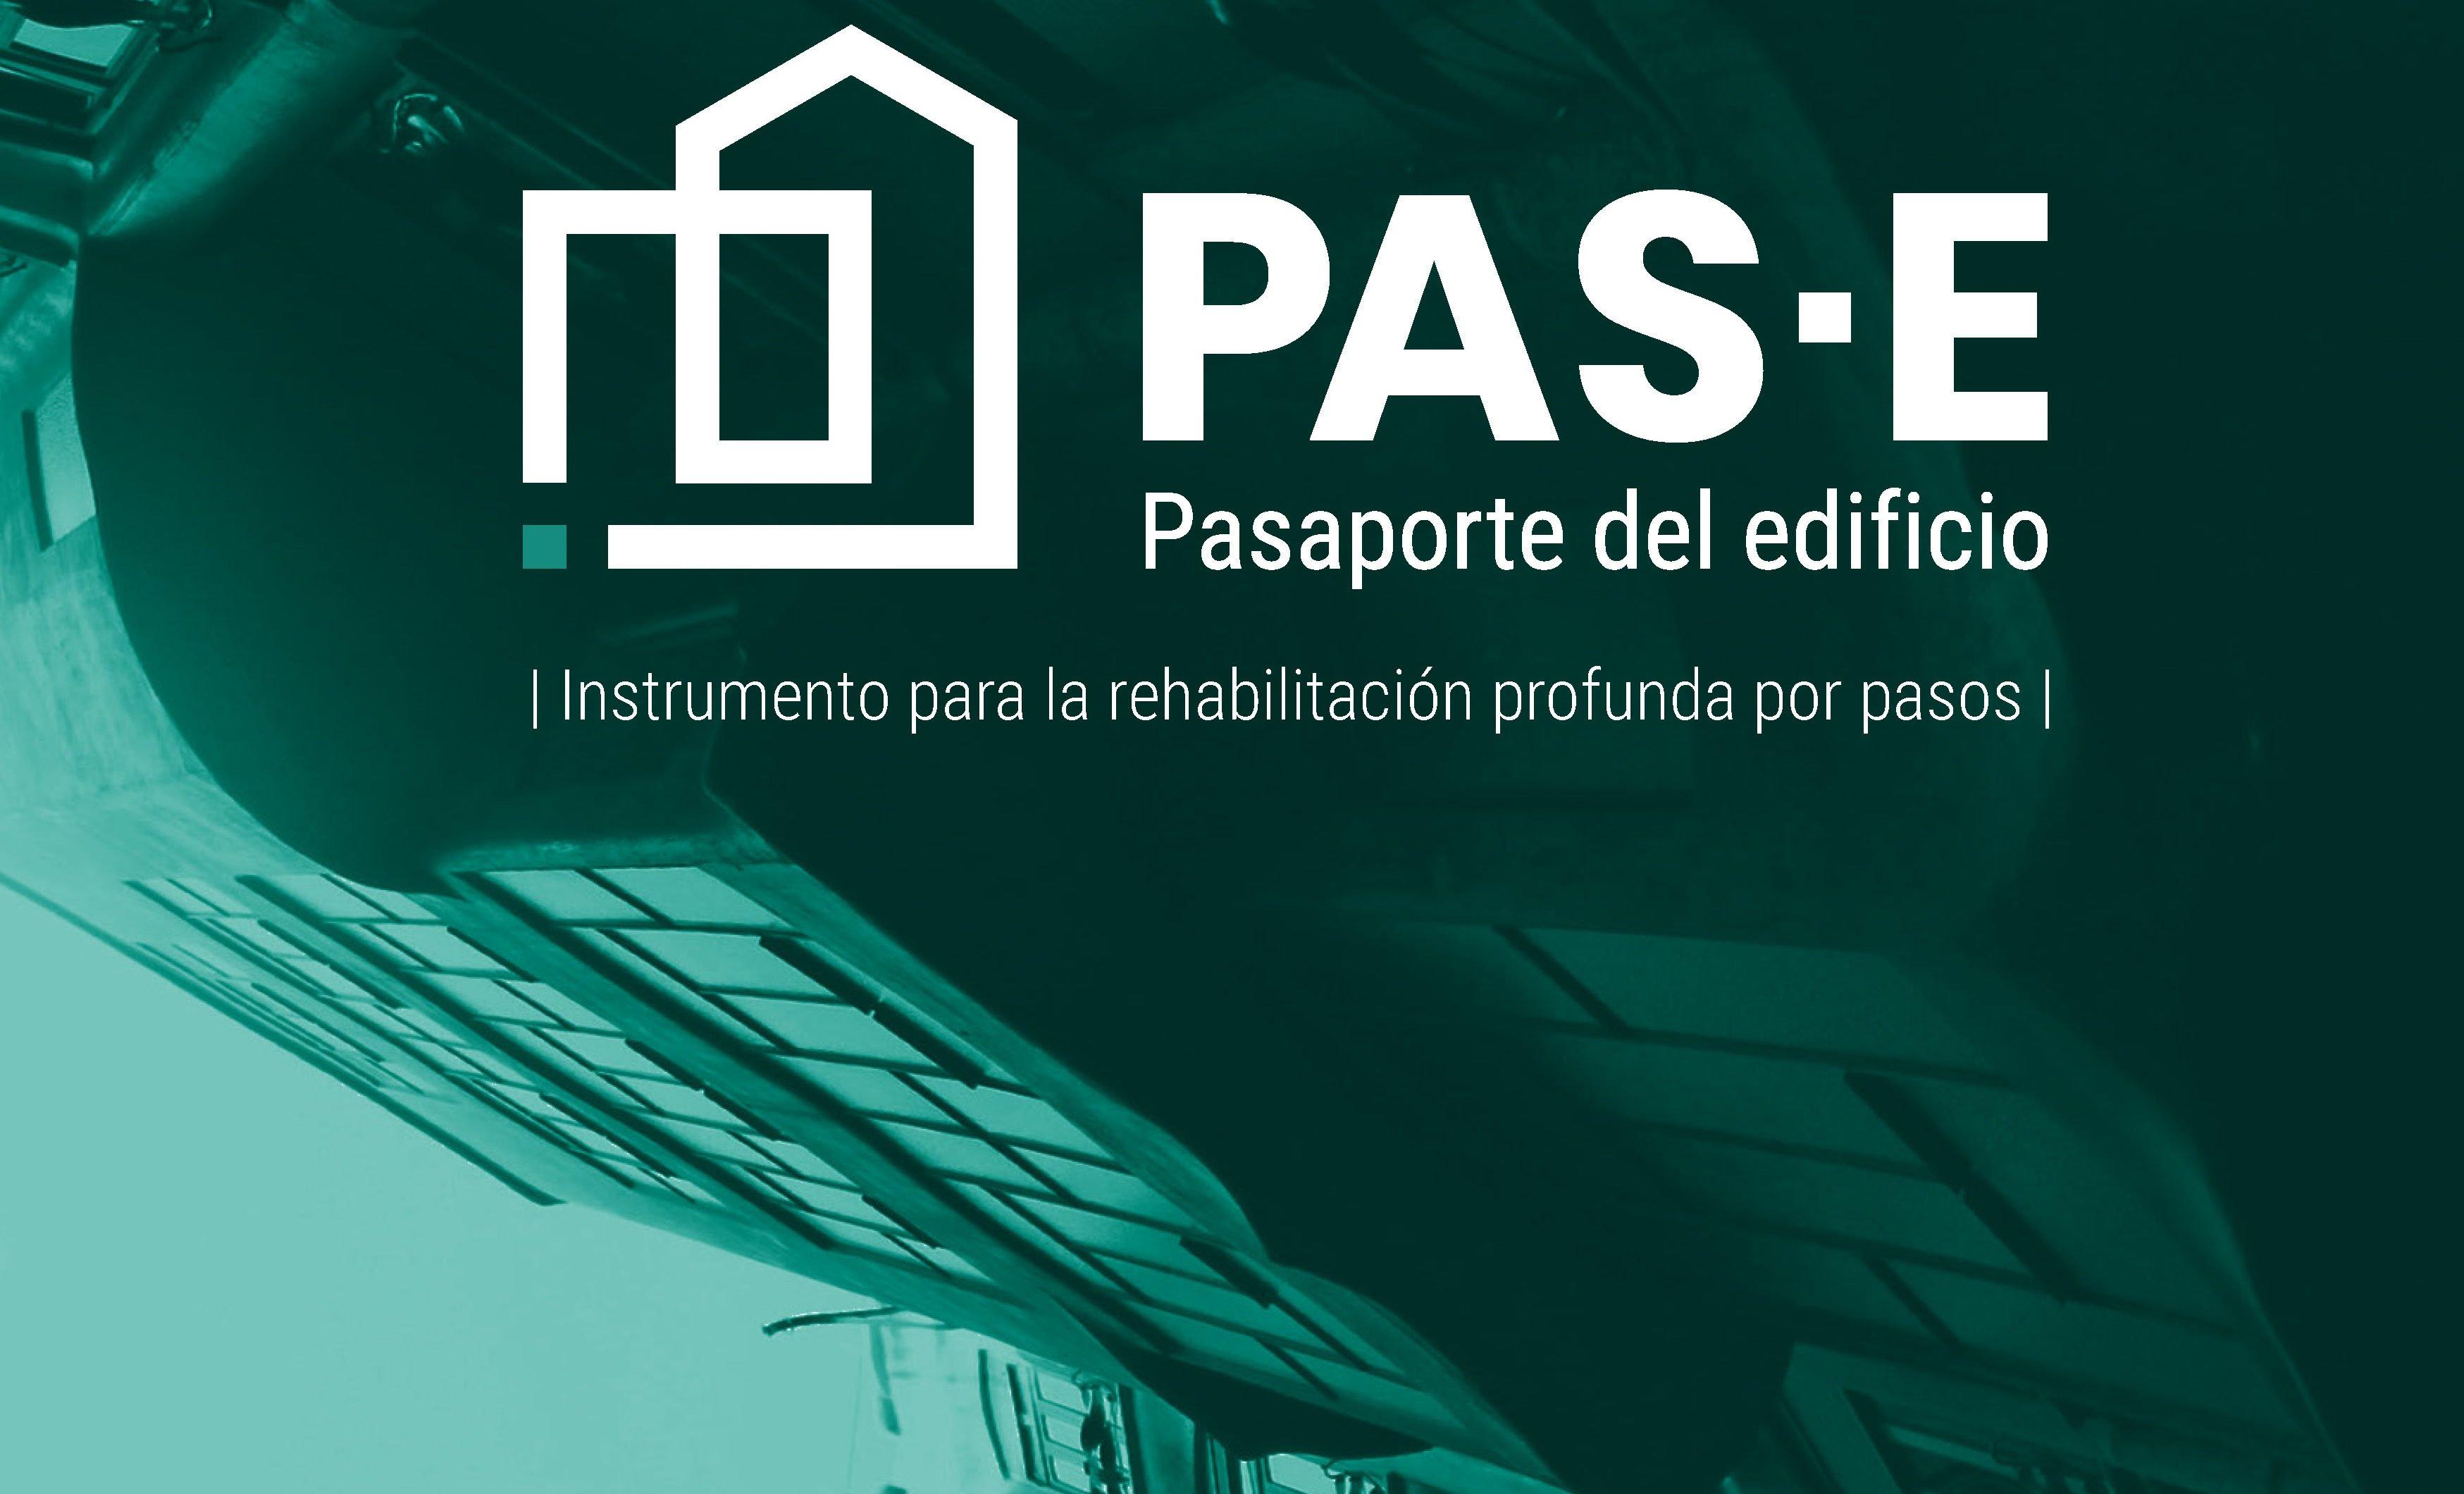 Nace PAS-E para acelerar la rehabilitación del parque edificado a la descarbonización